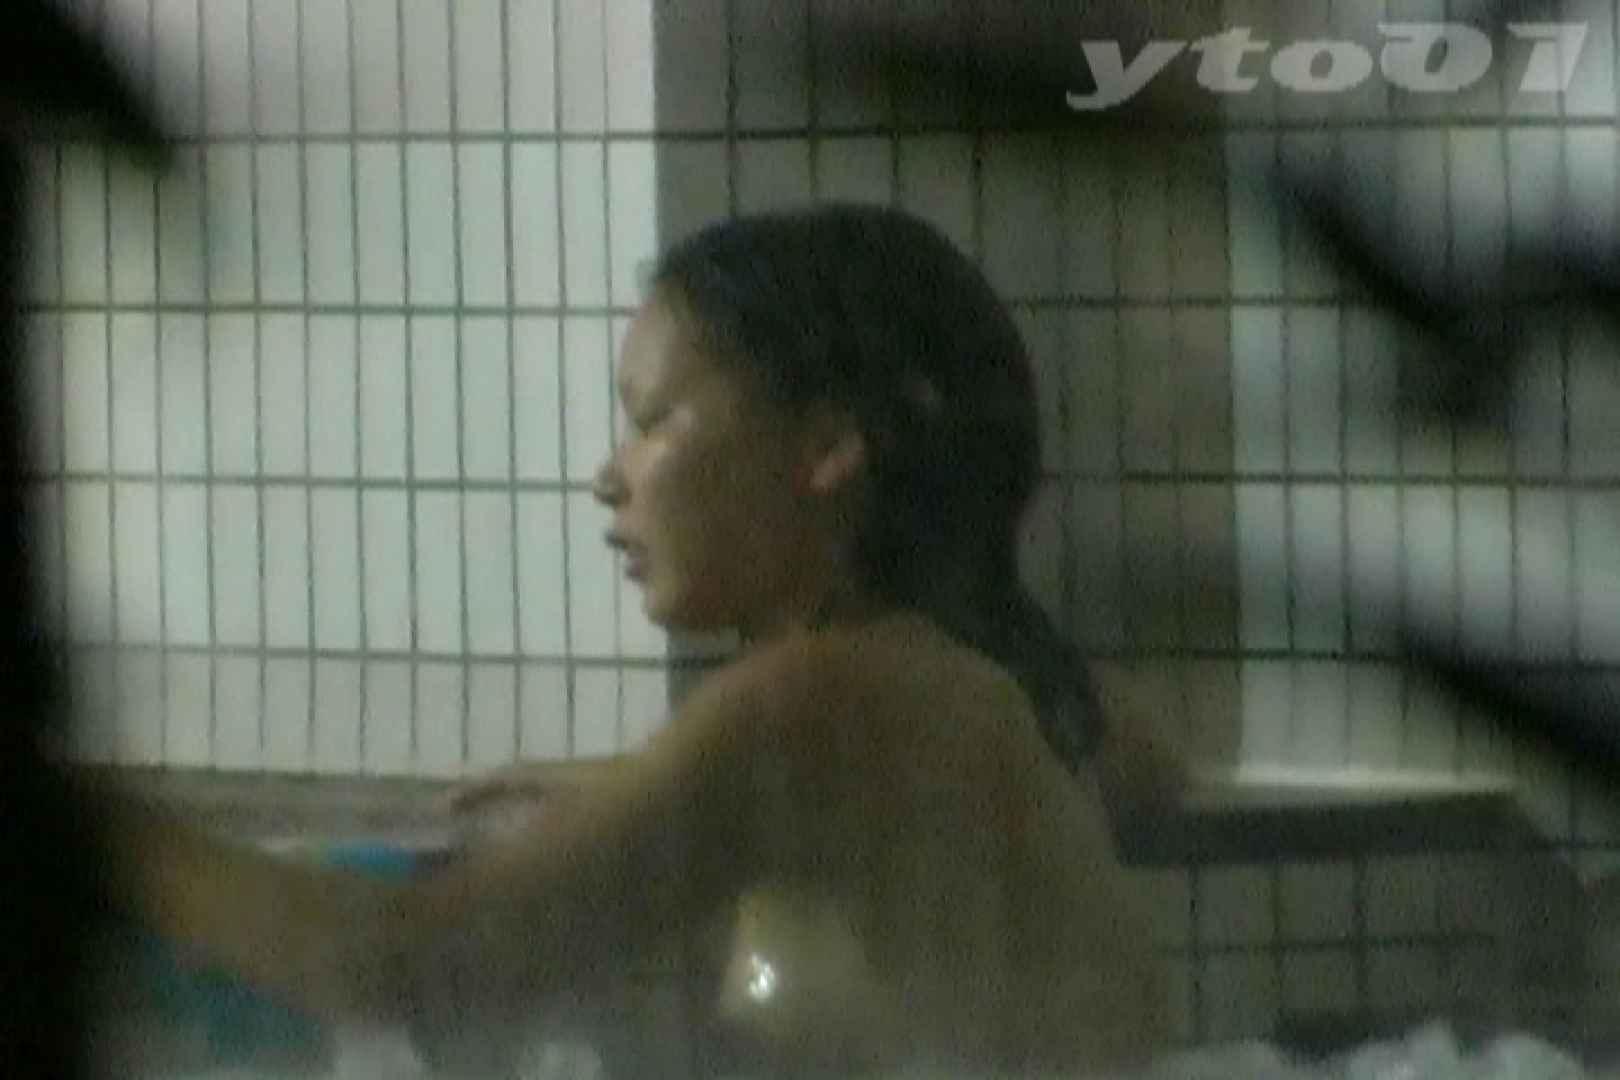 ▲復活限定▲合宿ホテル女風呂盗撮 Vol.02 期間限定 盗み撮り動画キャプチャ 70PIX 17